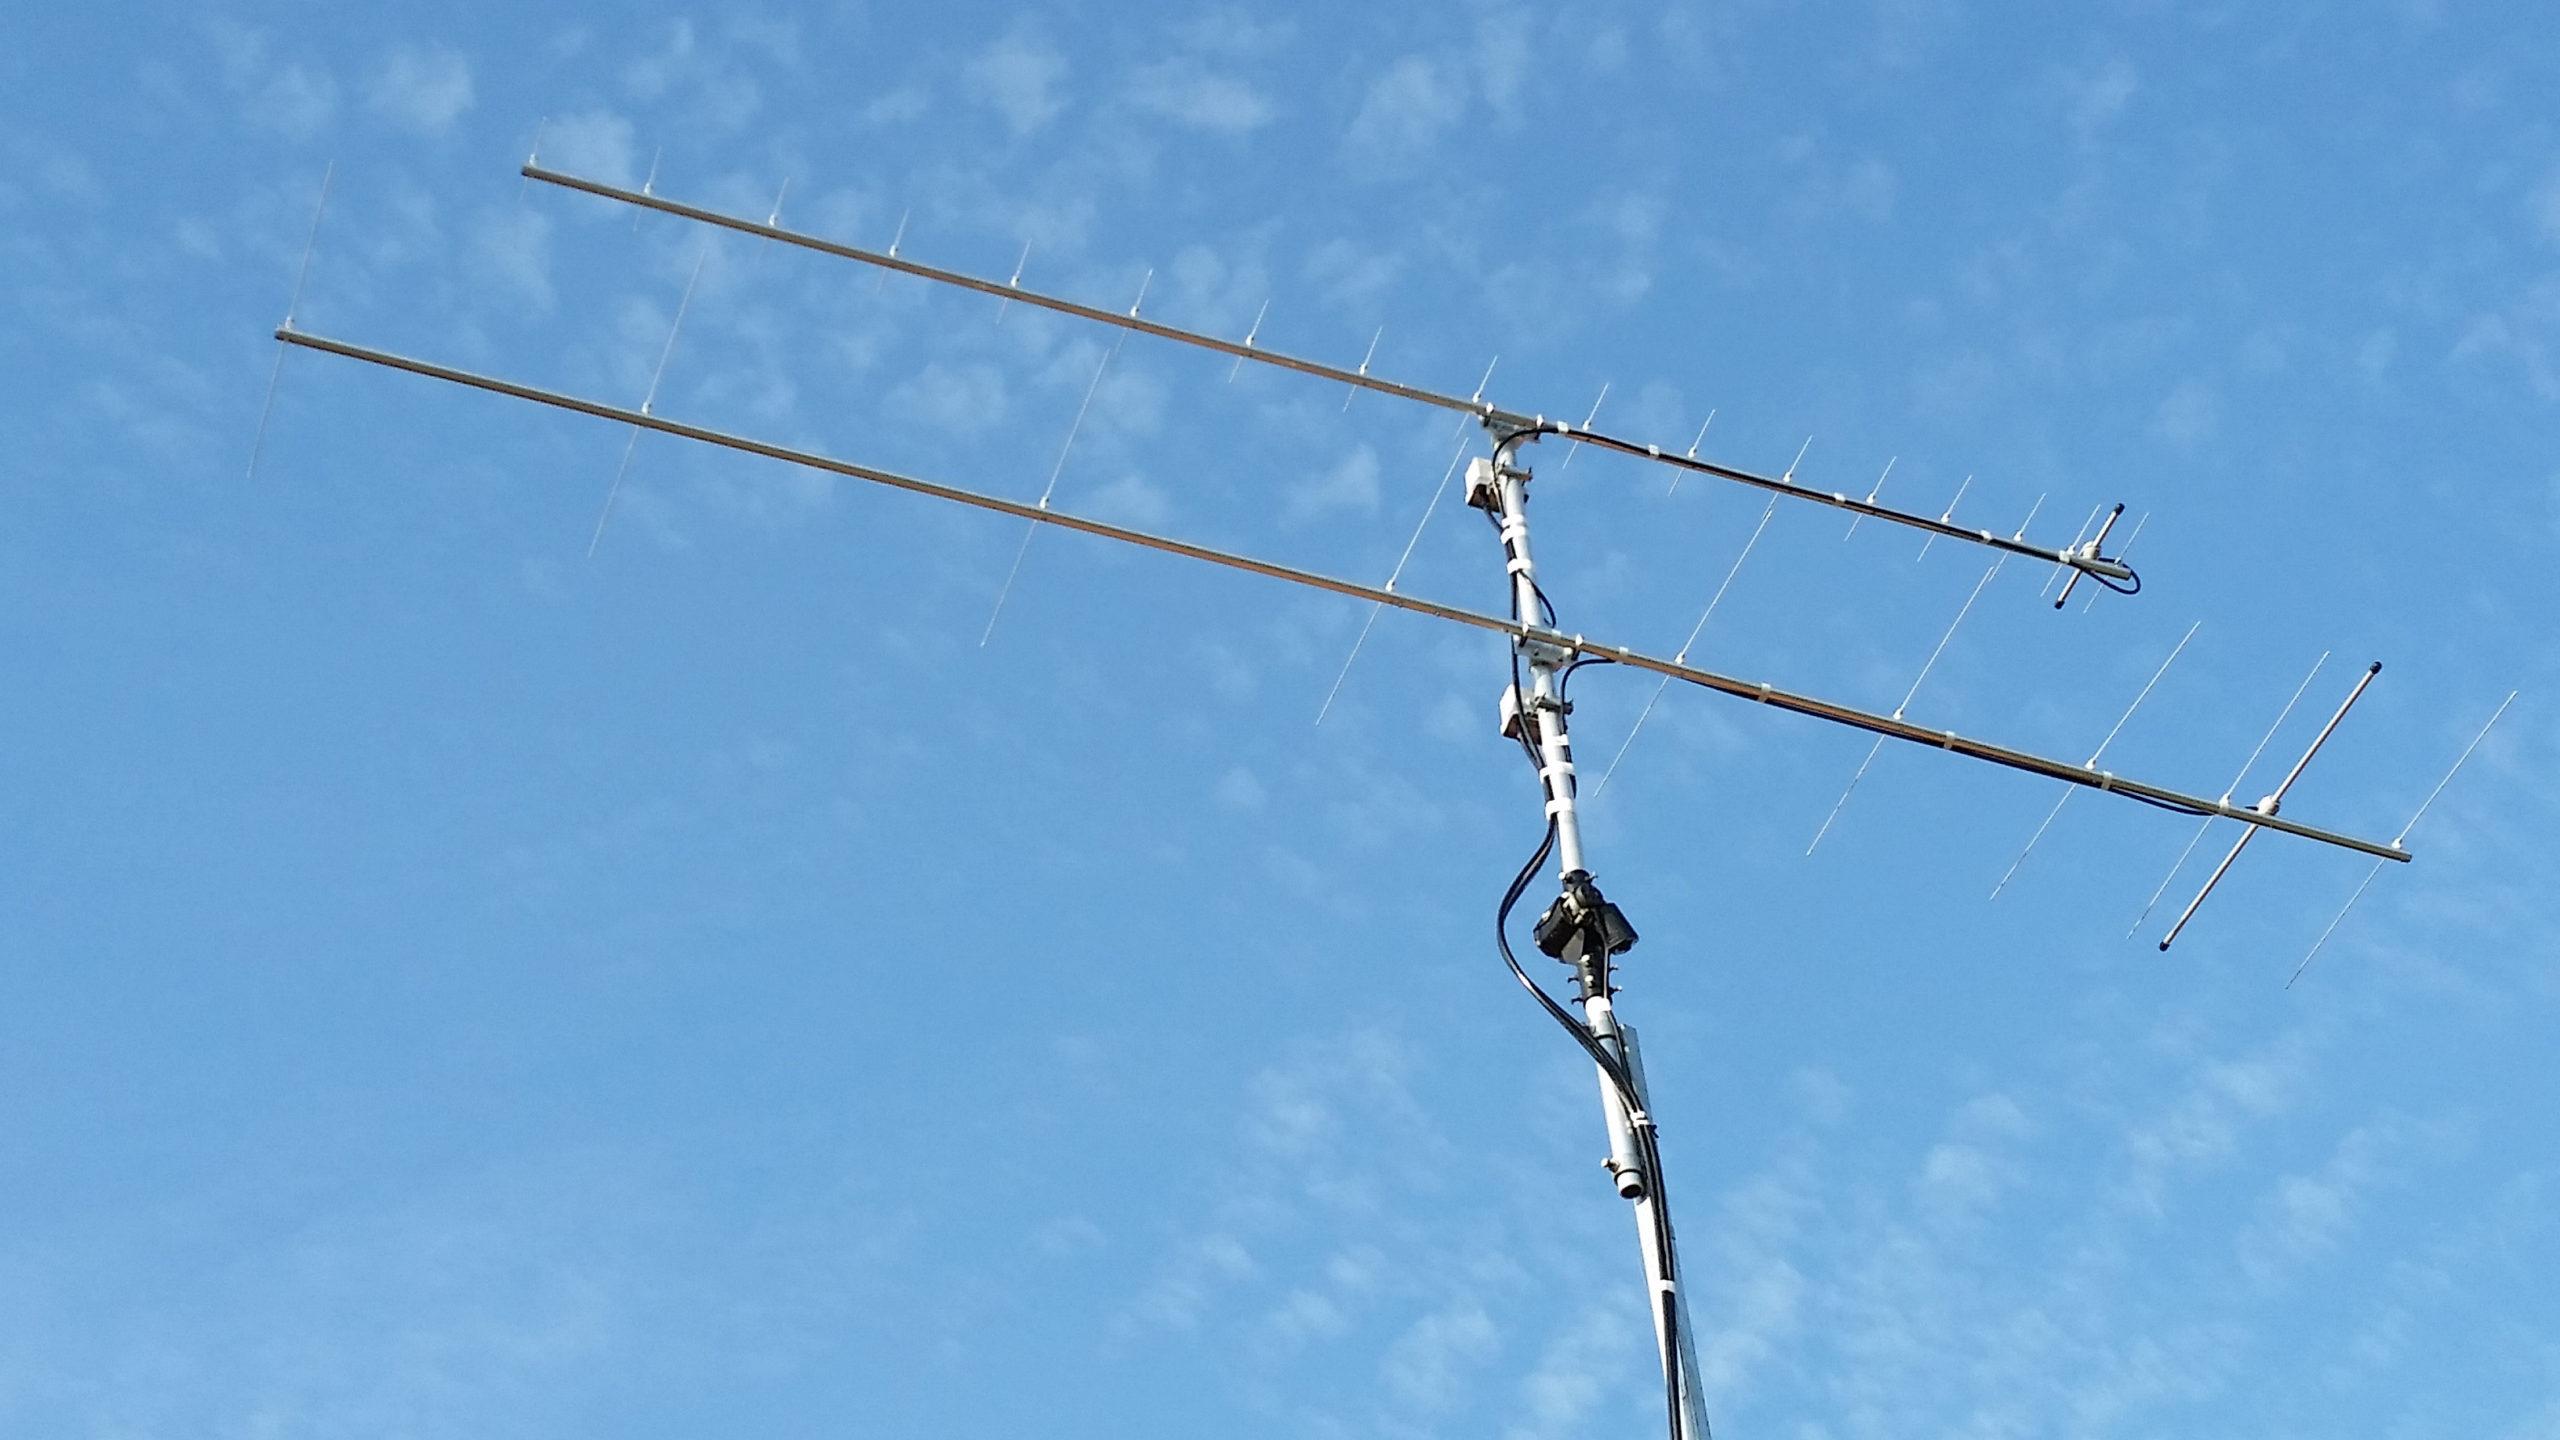 WAXXX10S antenna below a WS718562 432MHz antenna (image courtesy of M0CVX)